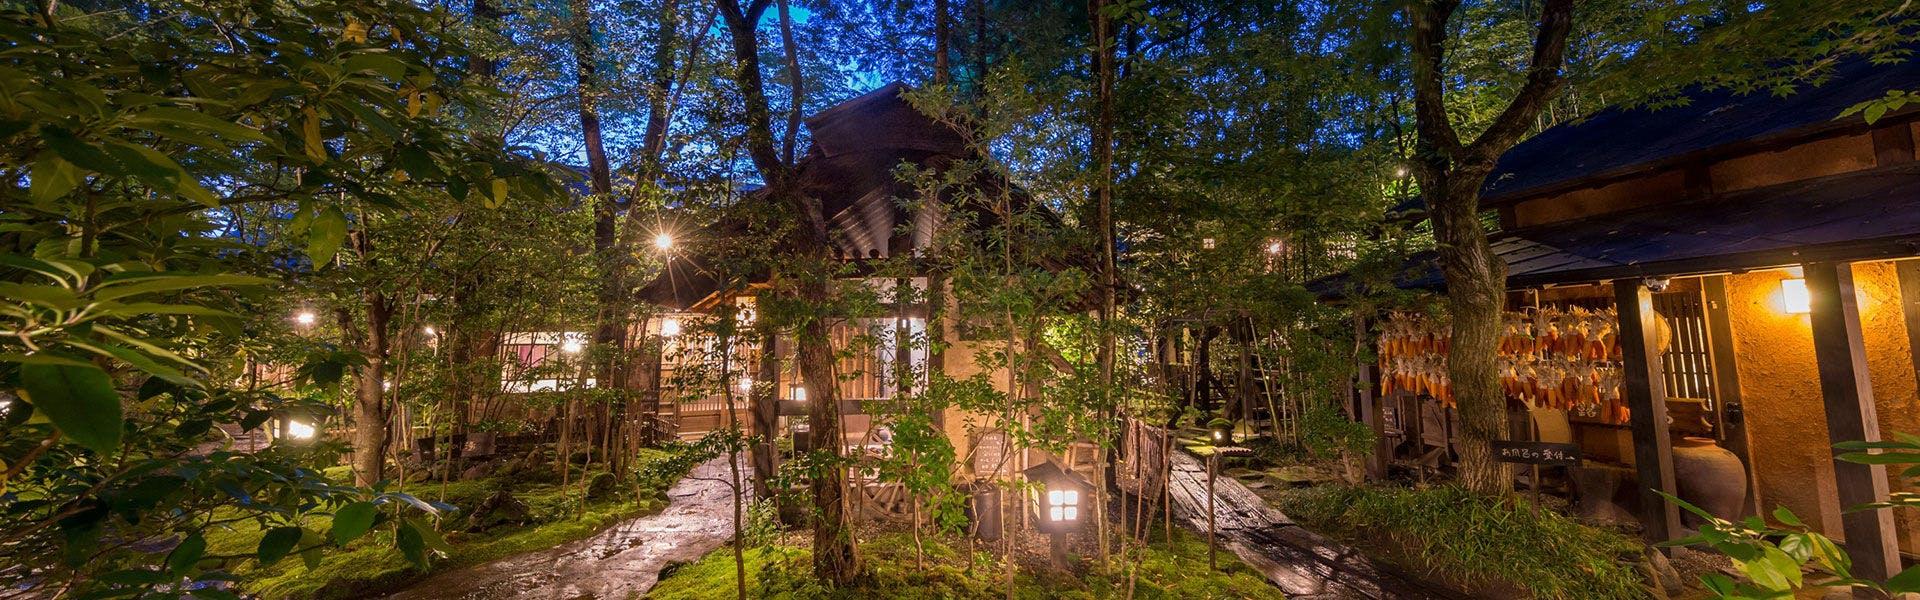 記念日におすすめのホテル・黒川温泉 お宿 のし湯の写真1